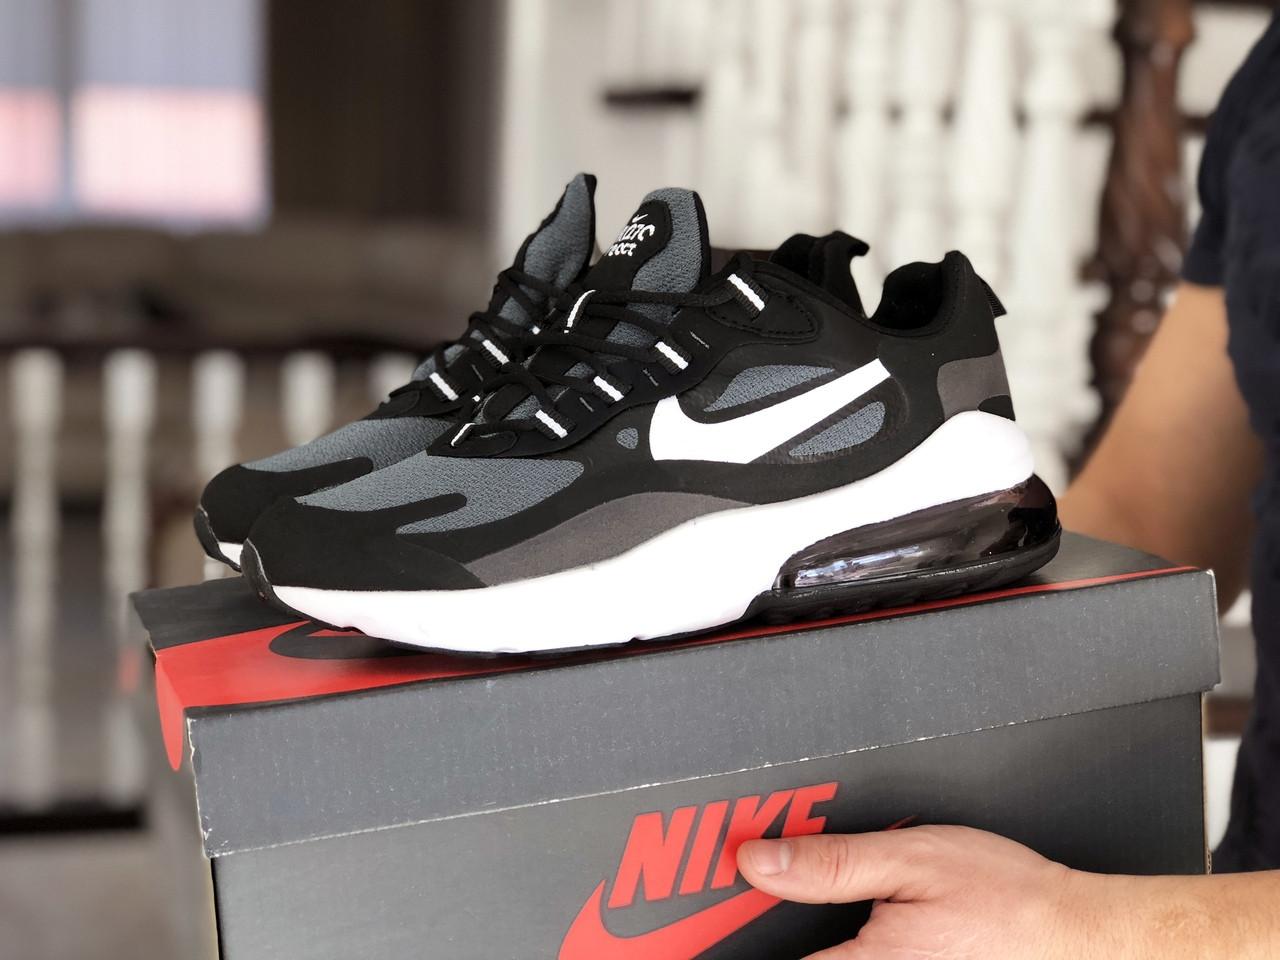 Модные кроссовки (в стиле) Nike Air Max 270 React,серые с черным/белым